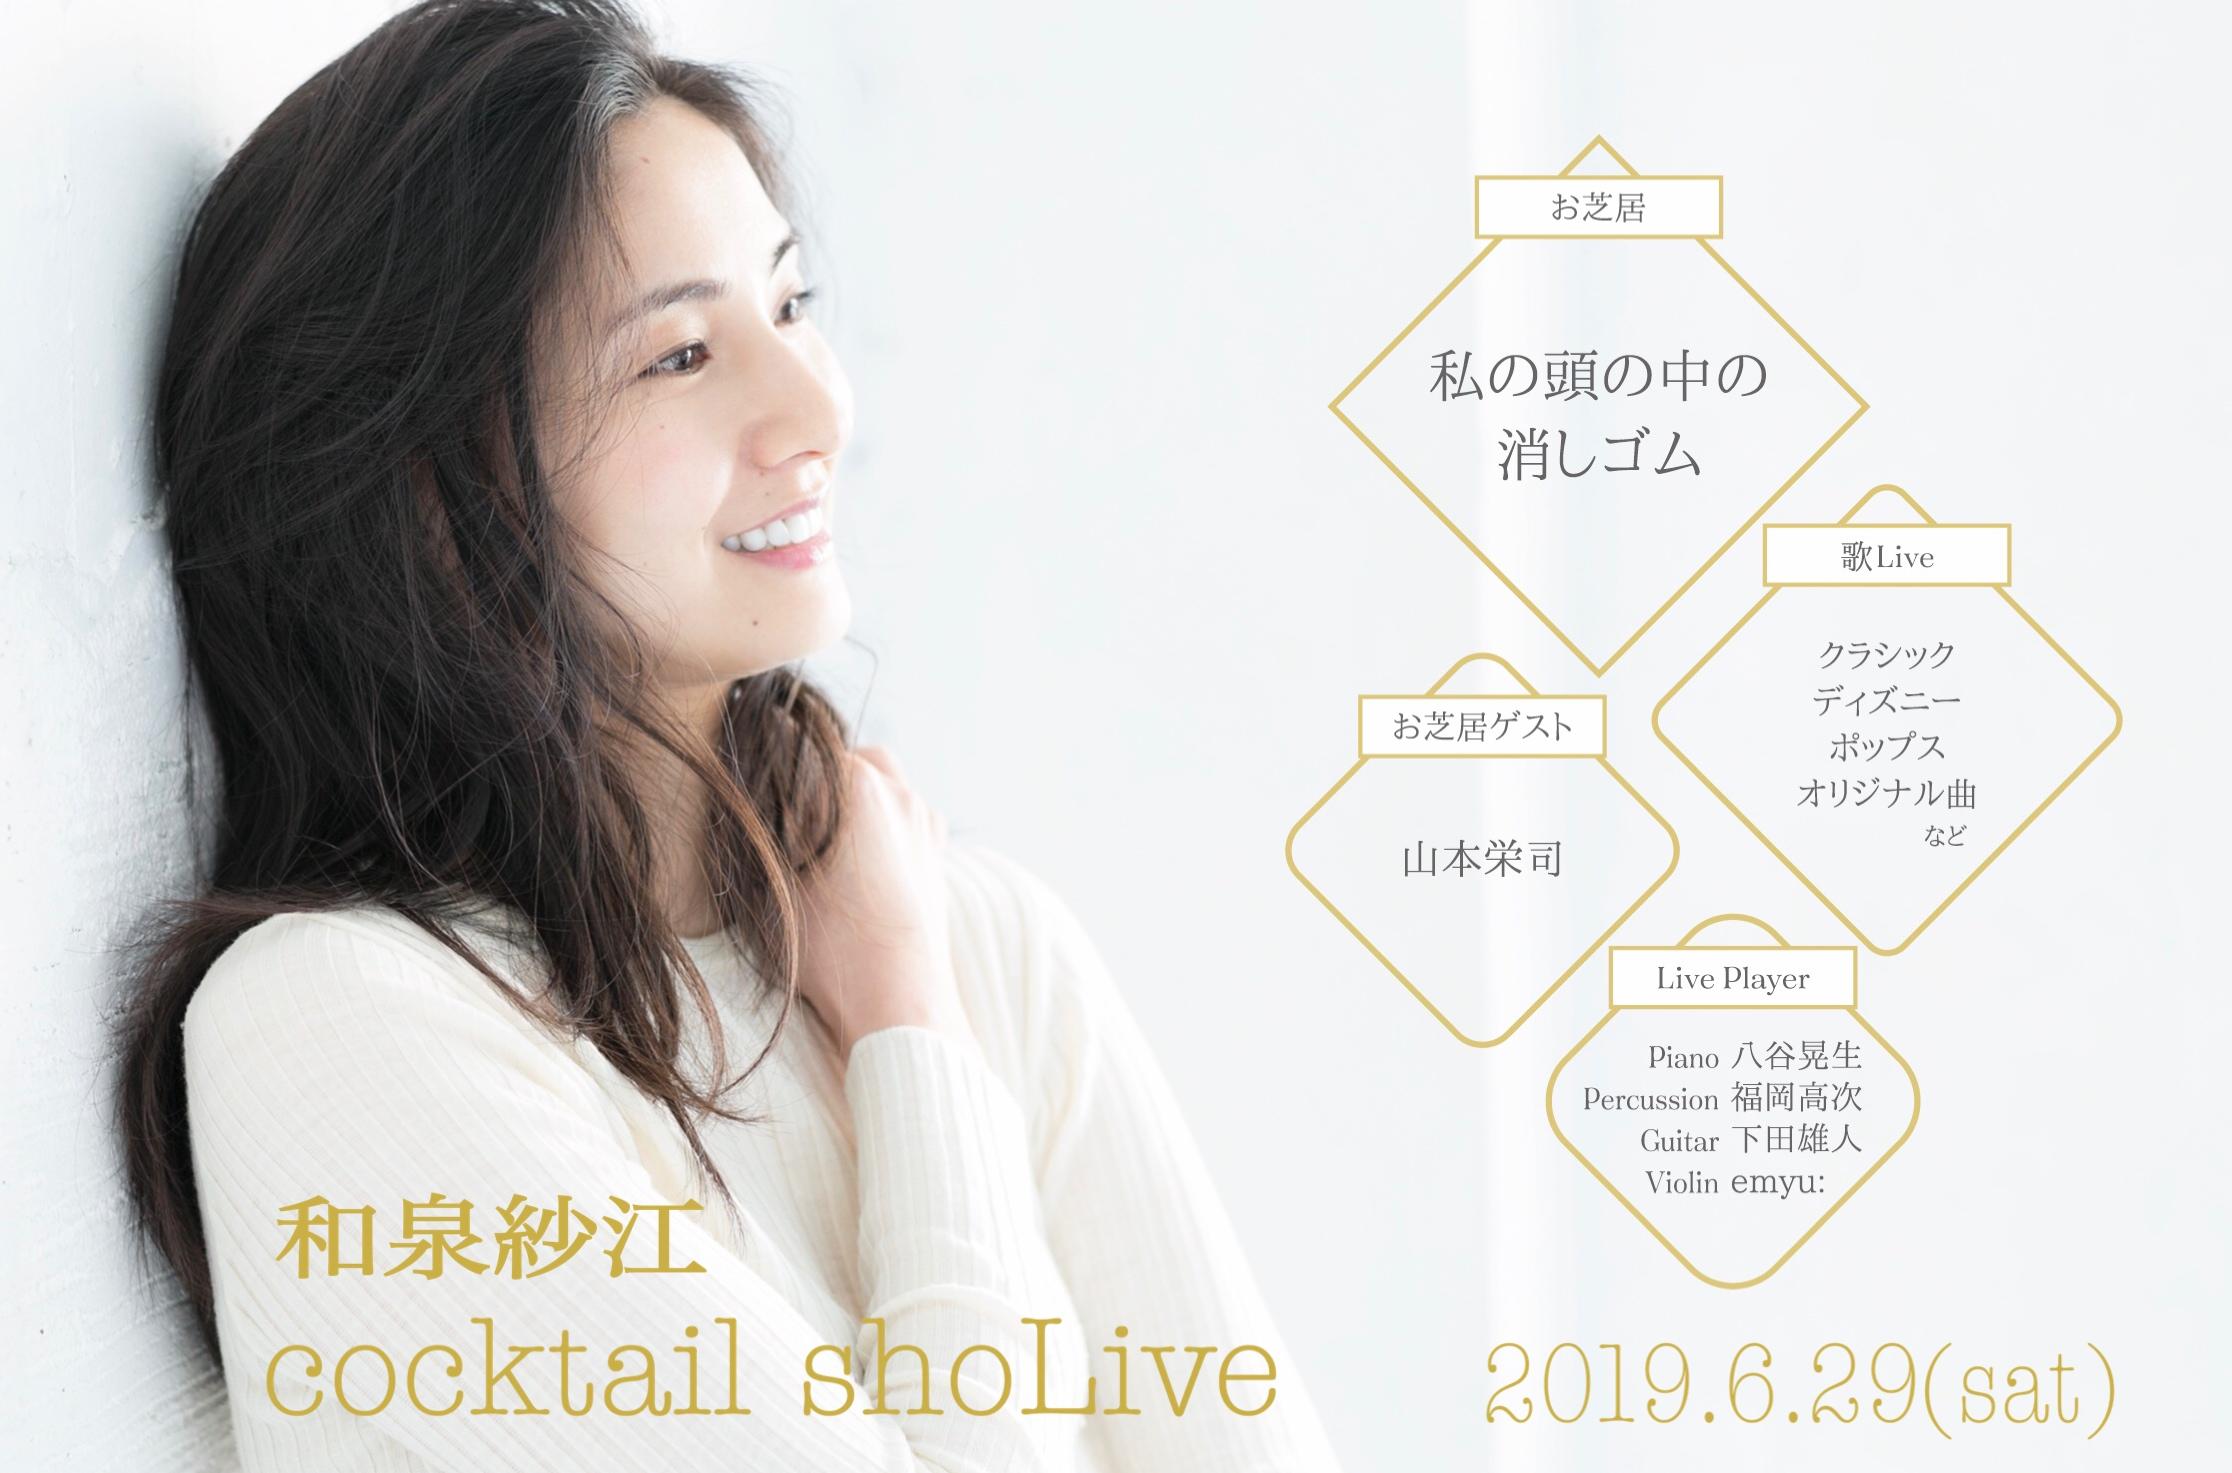 和泉紗江Cocktail Show Live 詳細【当日お越しになる方へ】